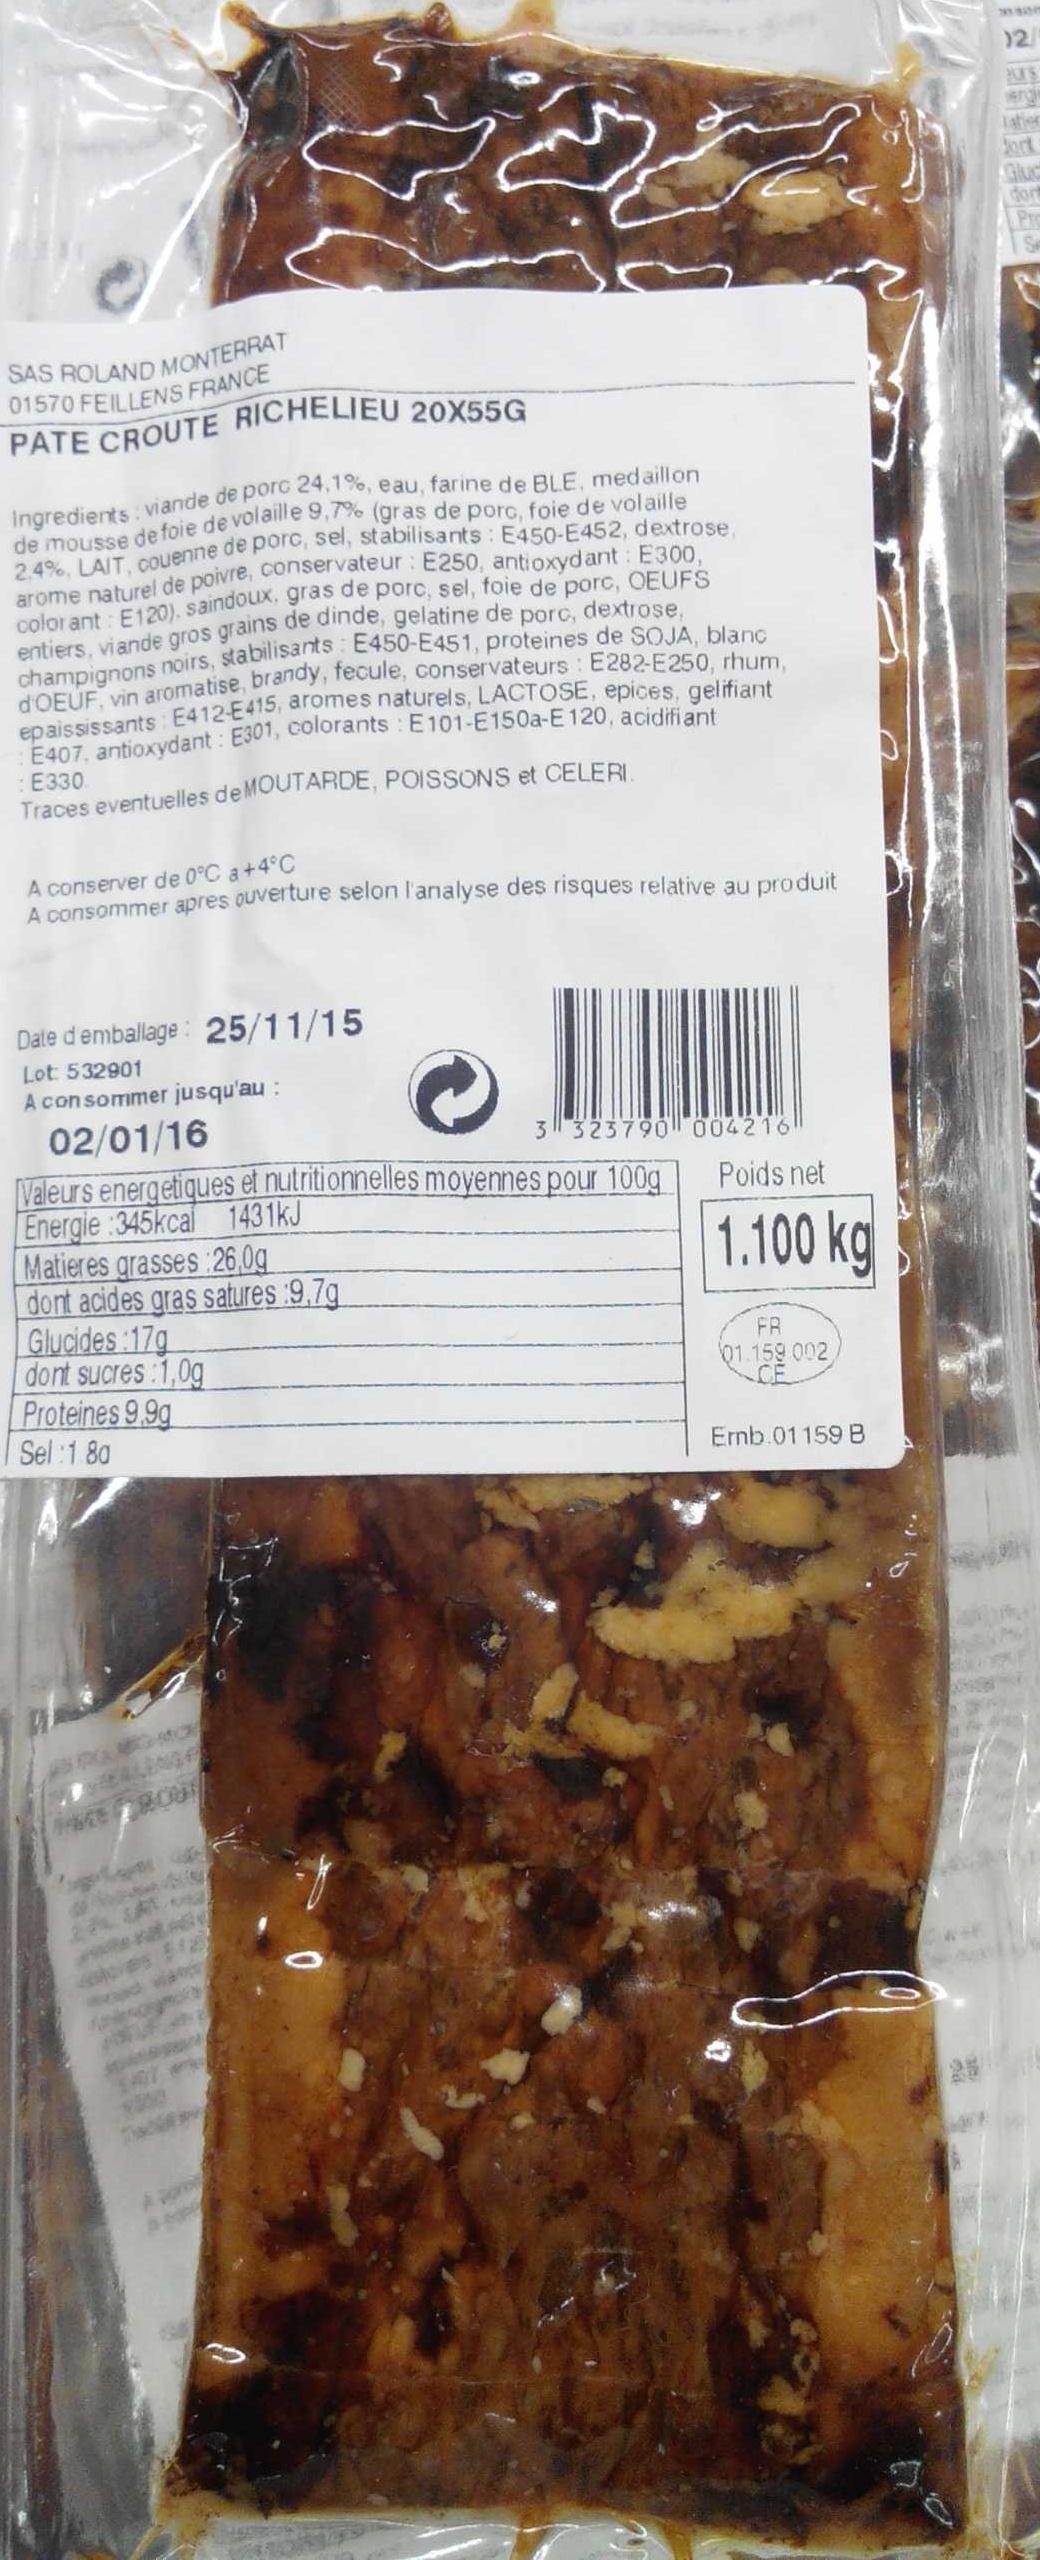 Pâté croûte richelieu - Produit - fr